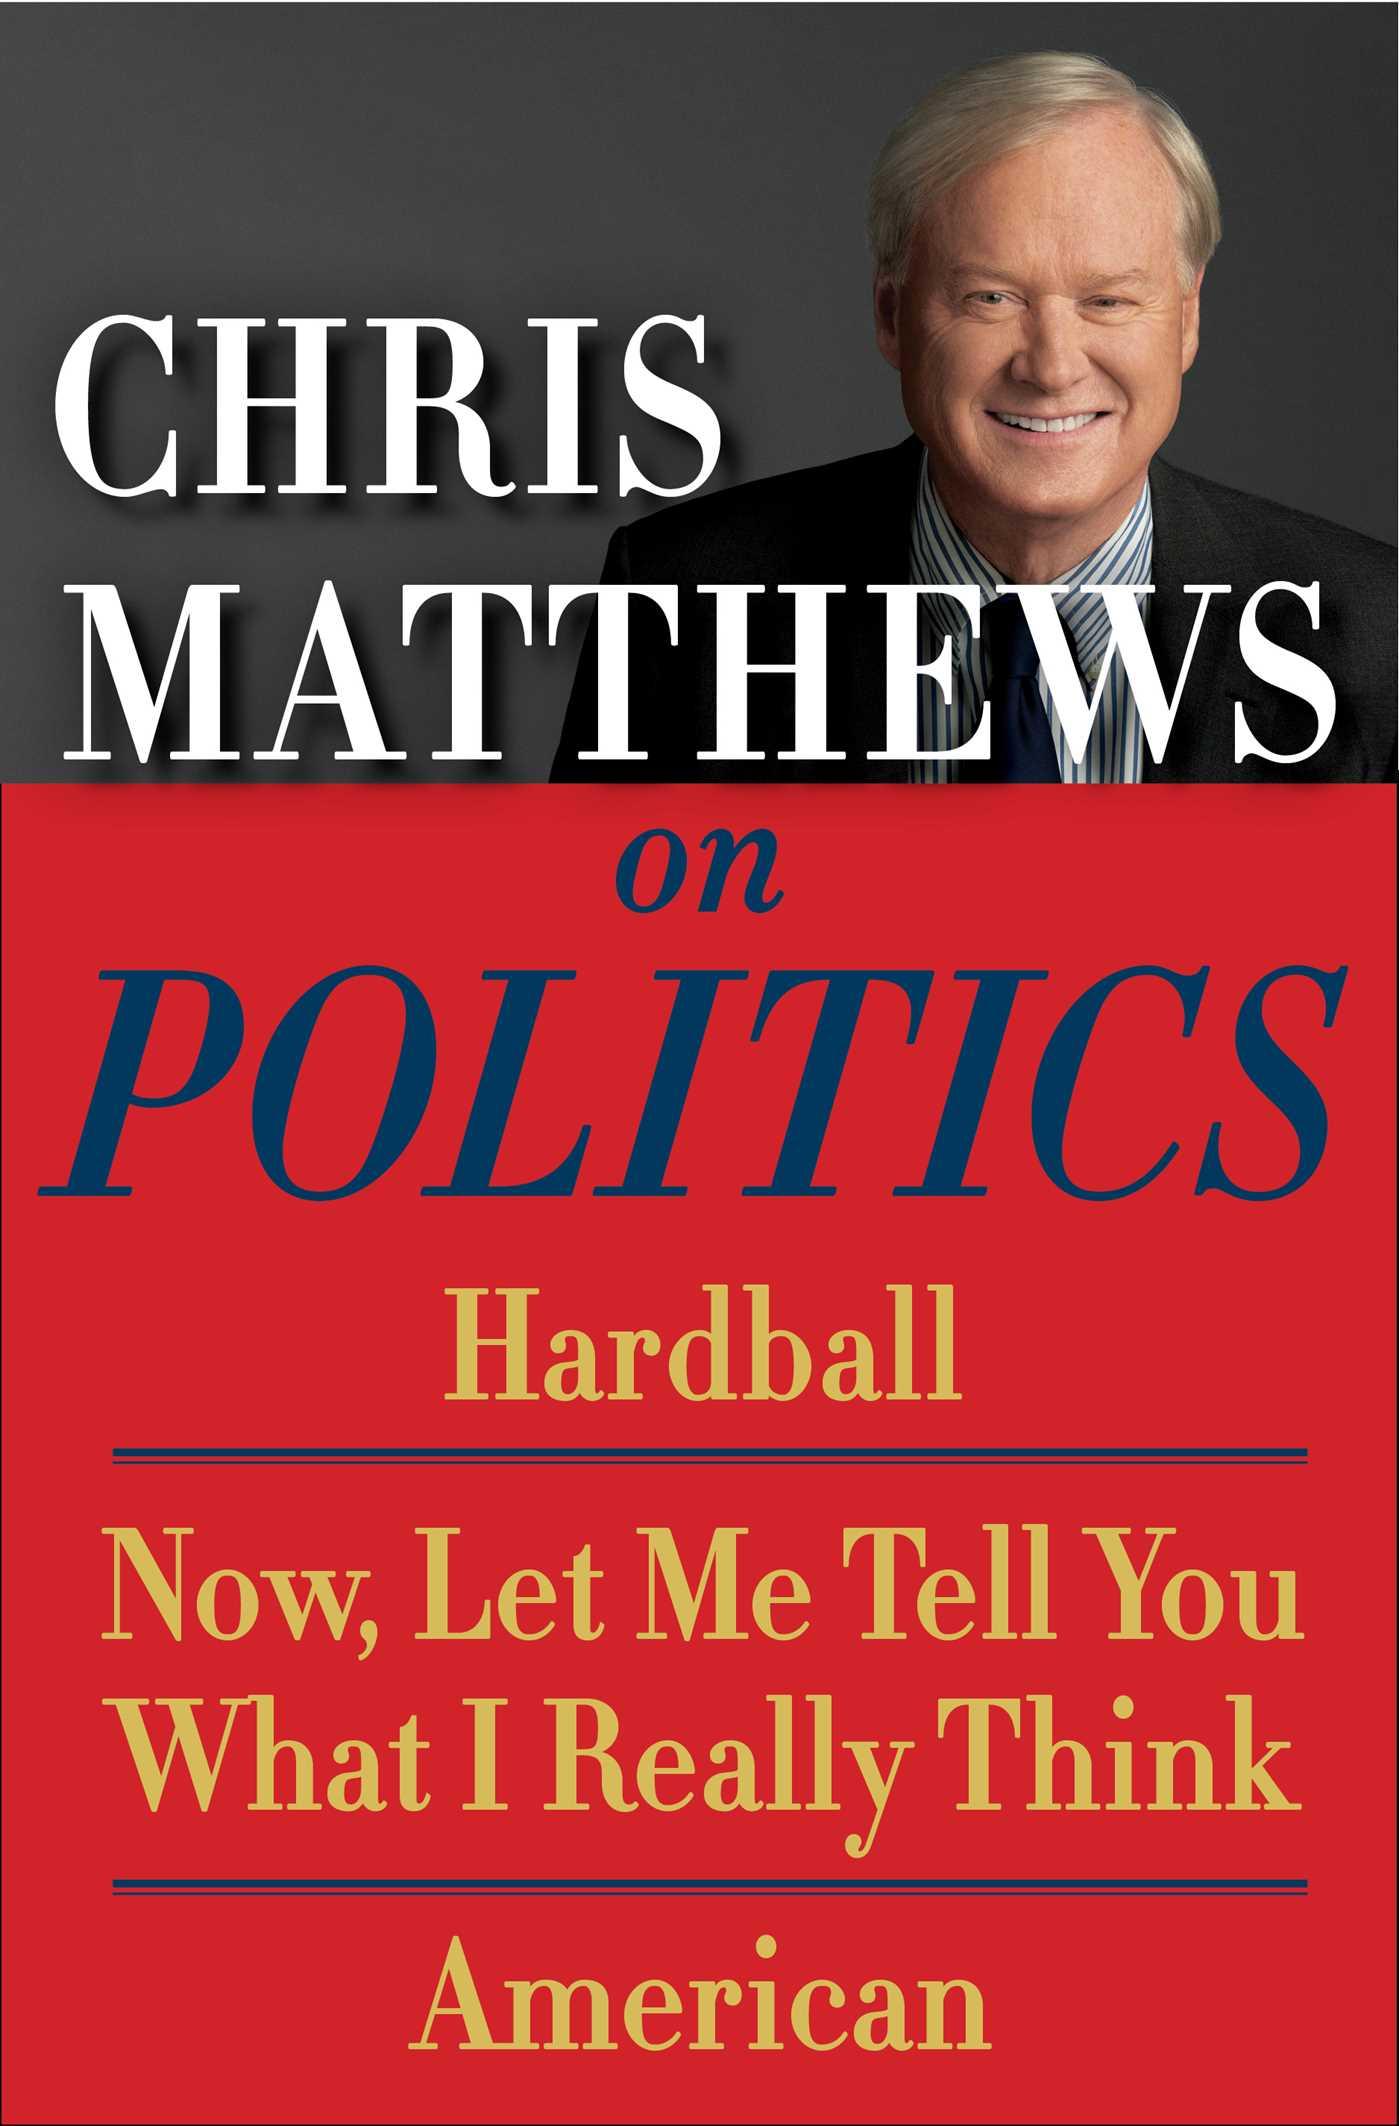 Chris matthews on politics e book box set 9781476760827 hr